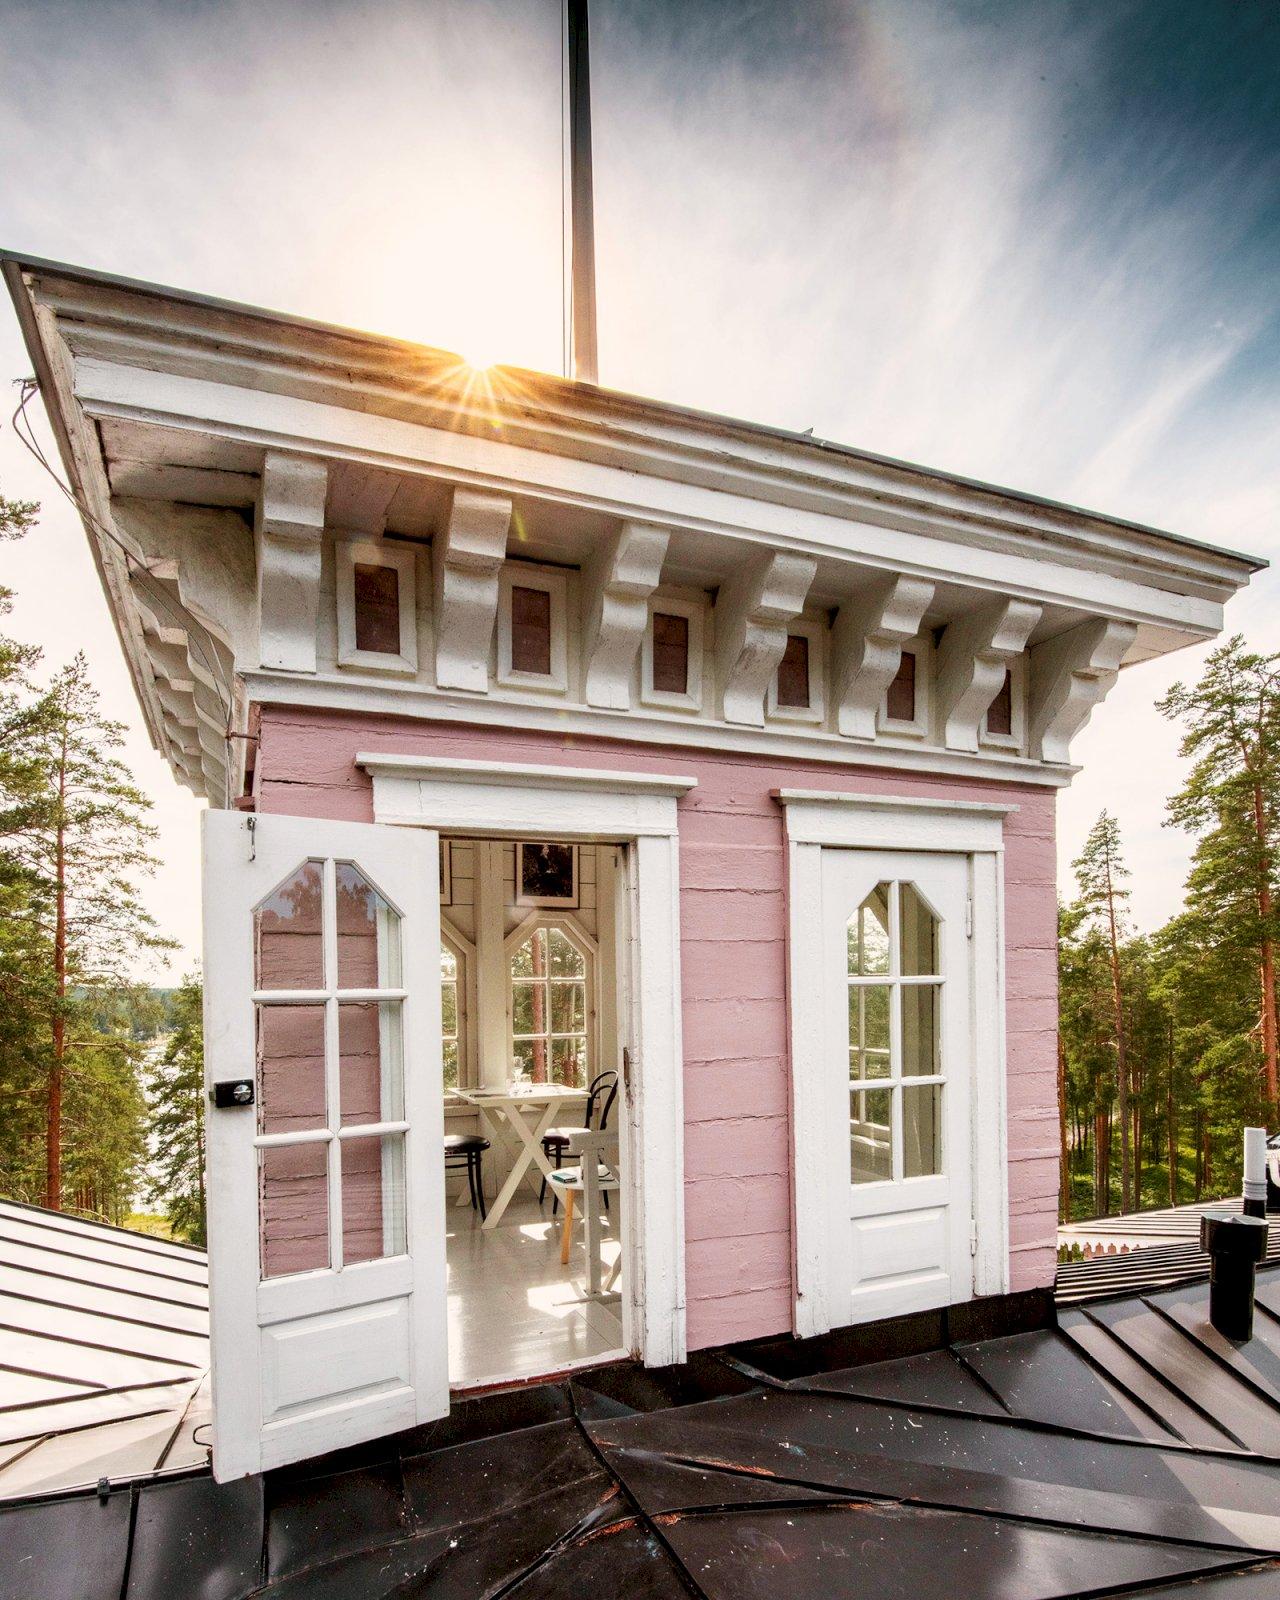 Hotelli Punkaharjun vaaleanpunainen Keisarinnan huvila.